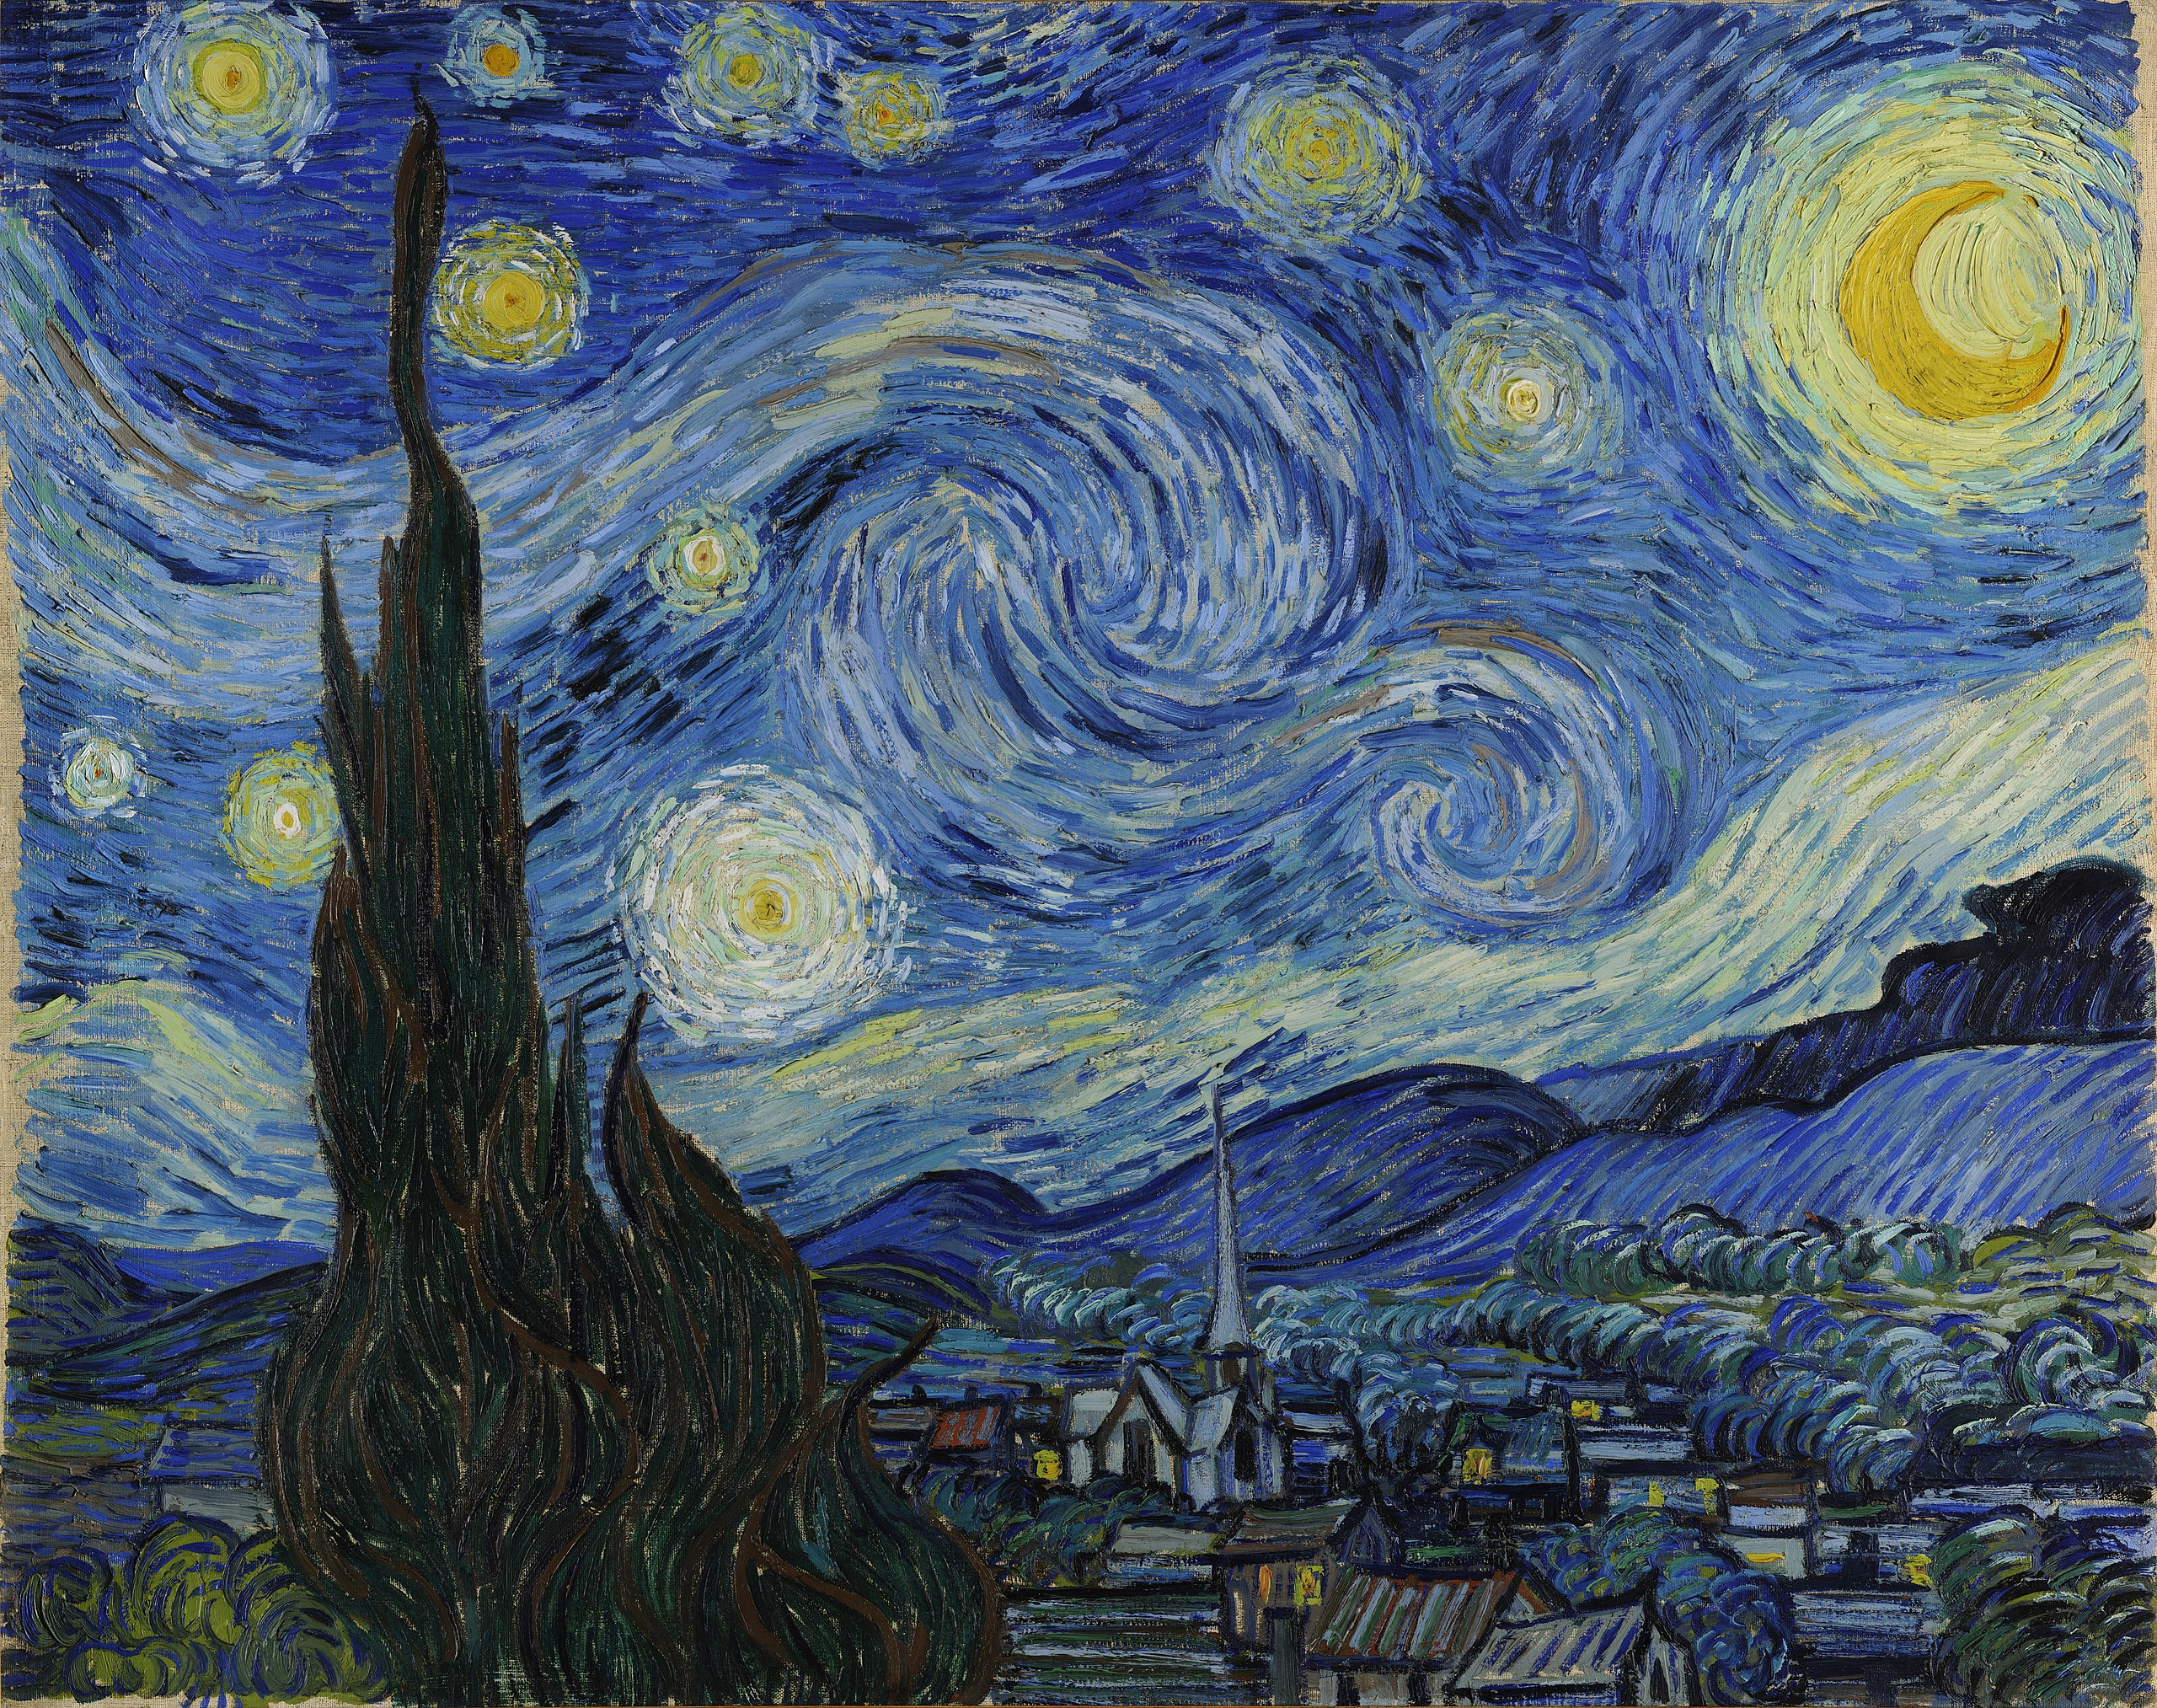 Cuadros Famosos: La noche estrellada1.jpg